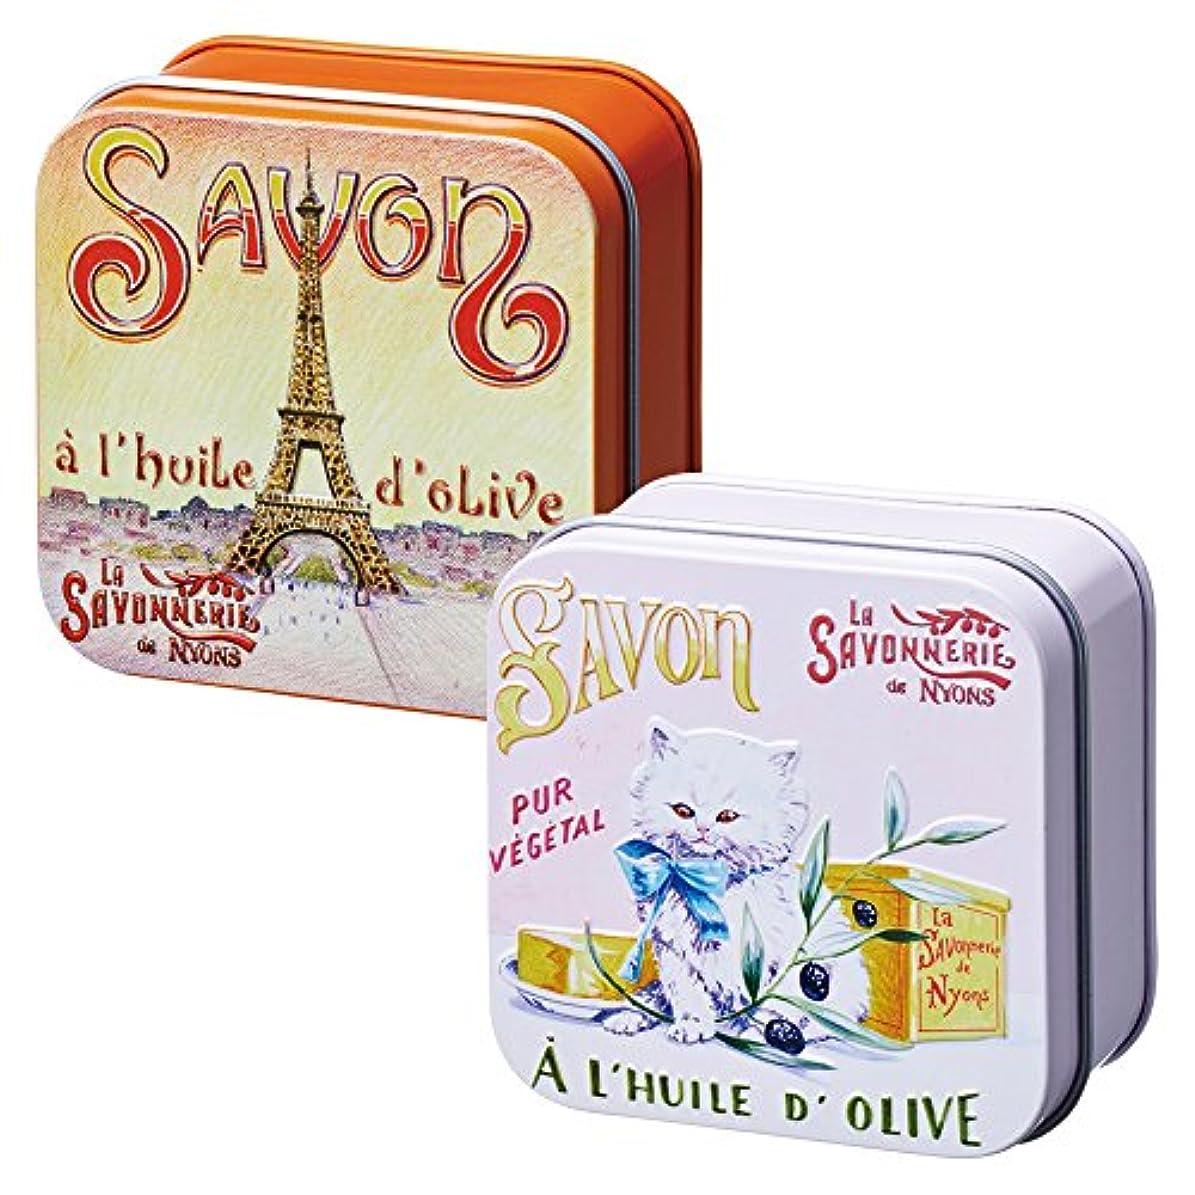 弱まる議題ハリウッドフランスお土産 ラ?サボネリー アンティーク缶入り石けん 2種セット(子猫&エッフェル塔)